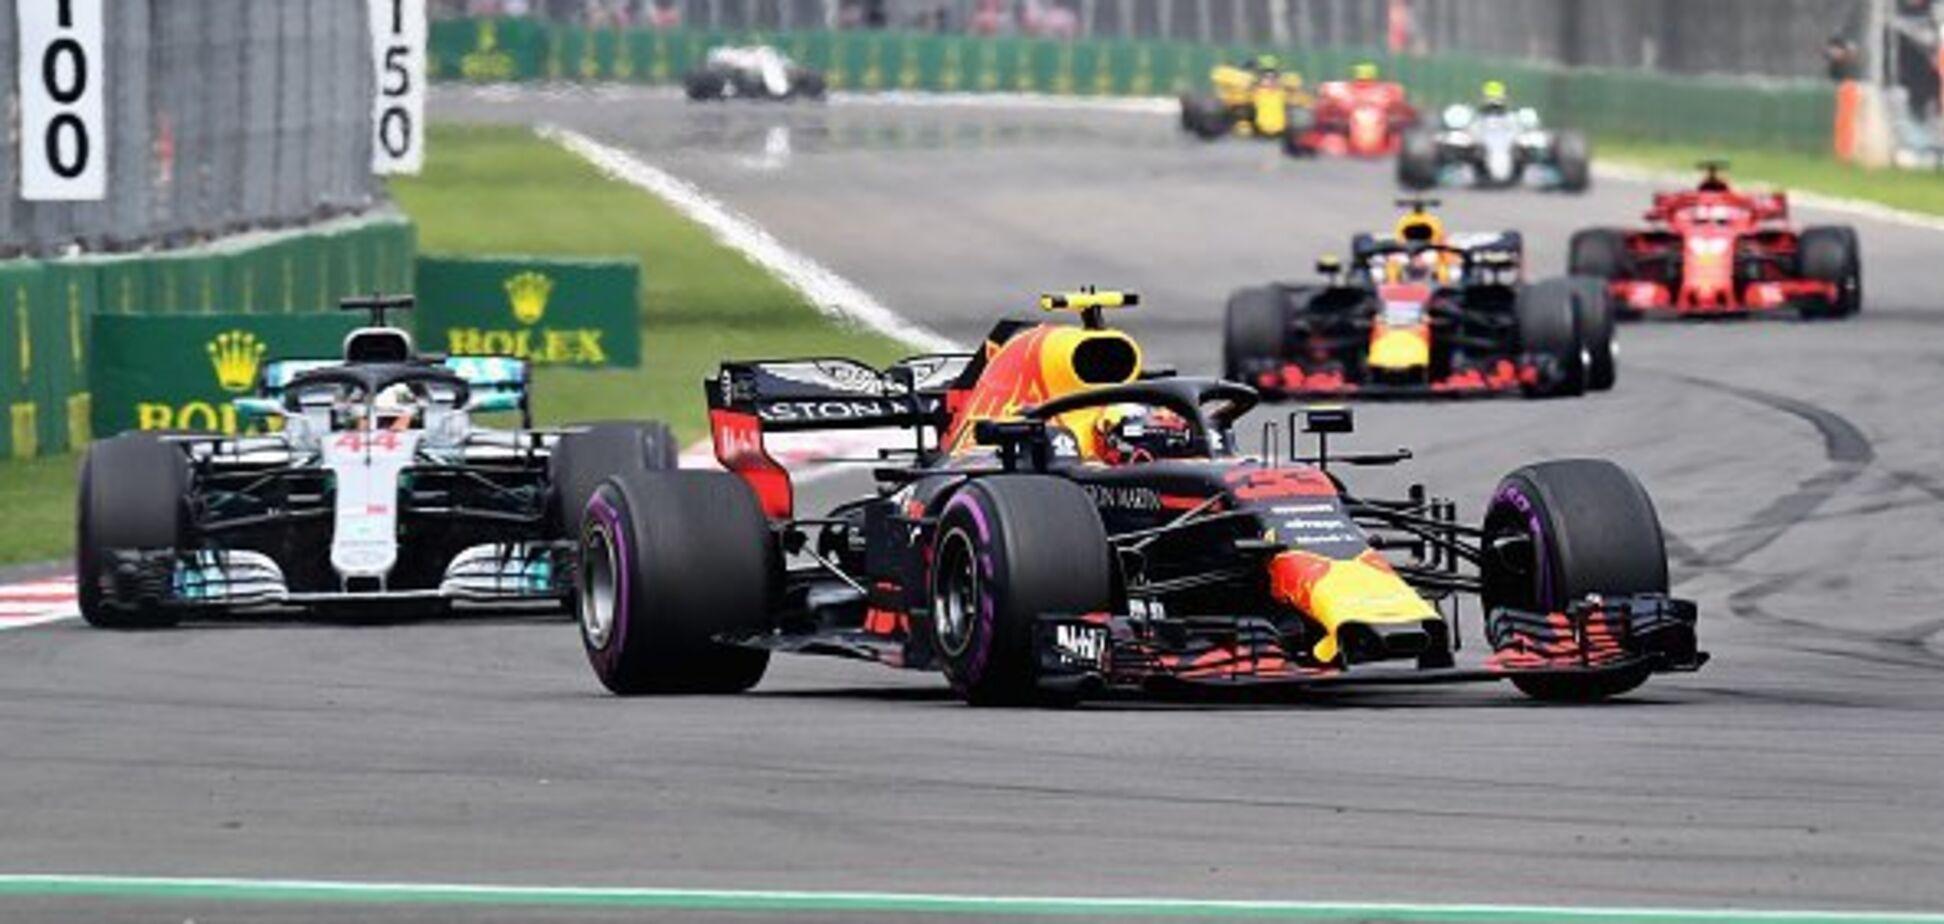 Формула-1: Гран-прі Баку почалося з епічного курйозу